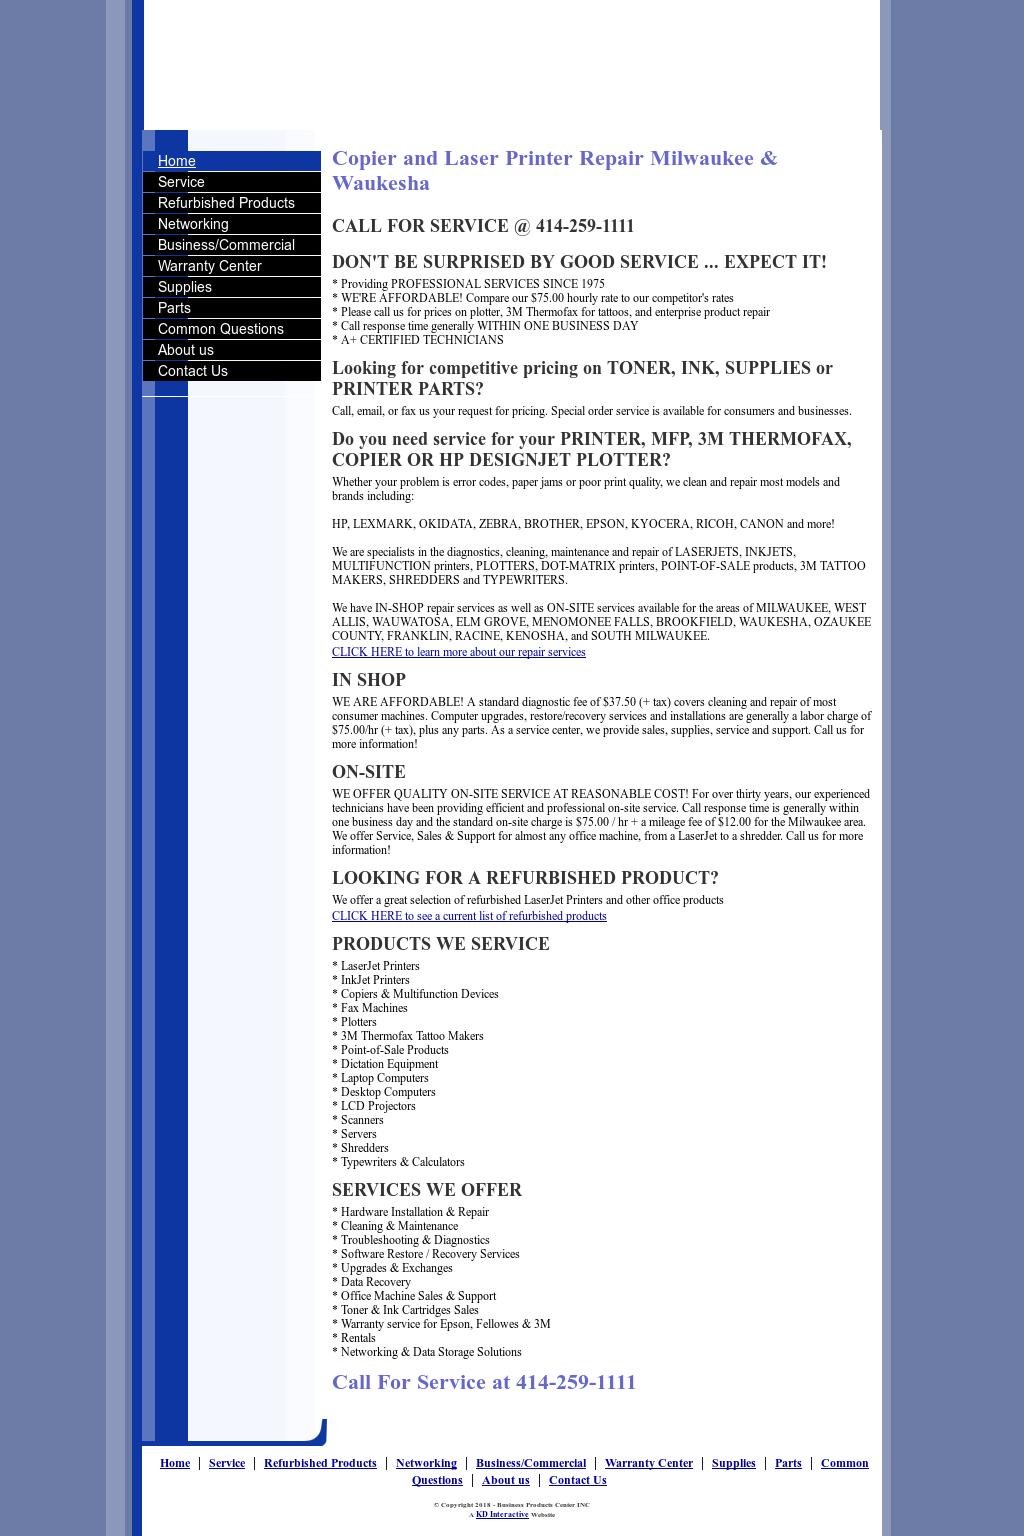 Kyocera Copier Error Codes